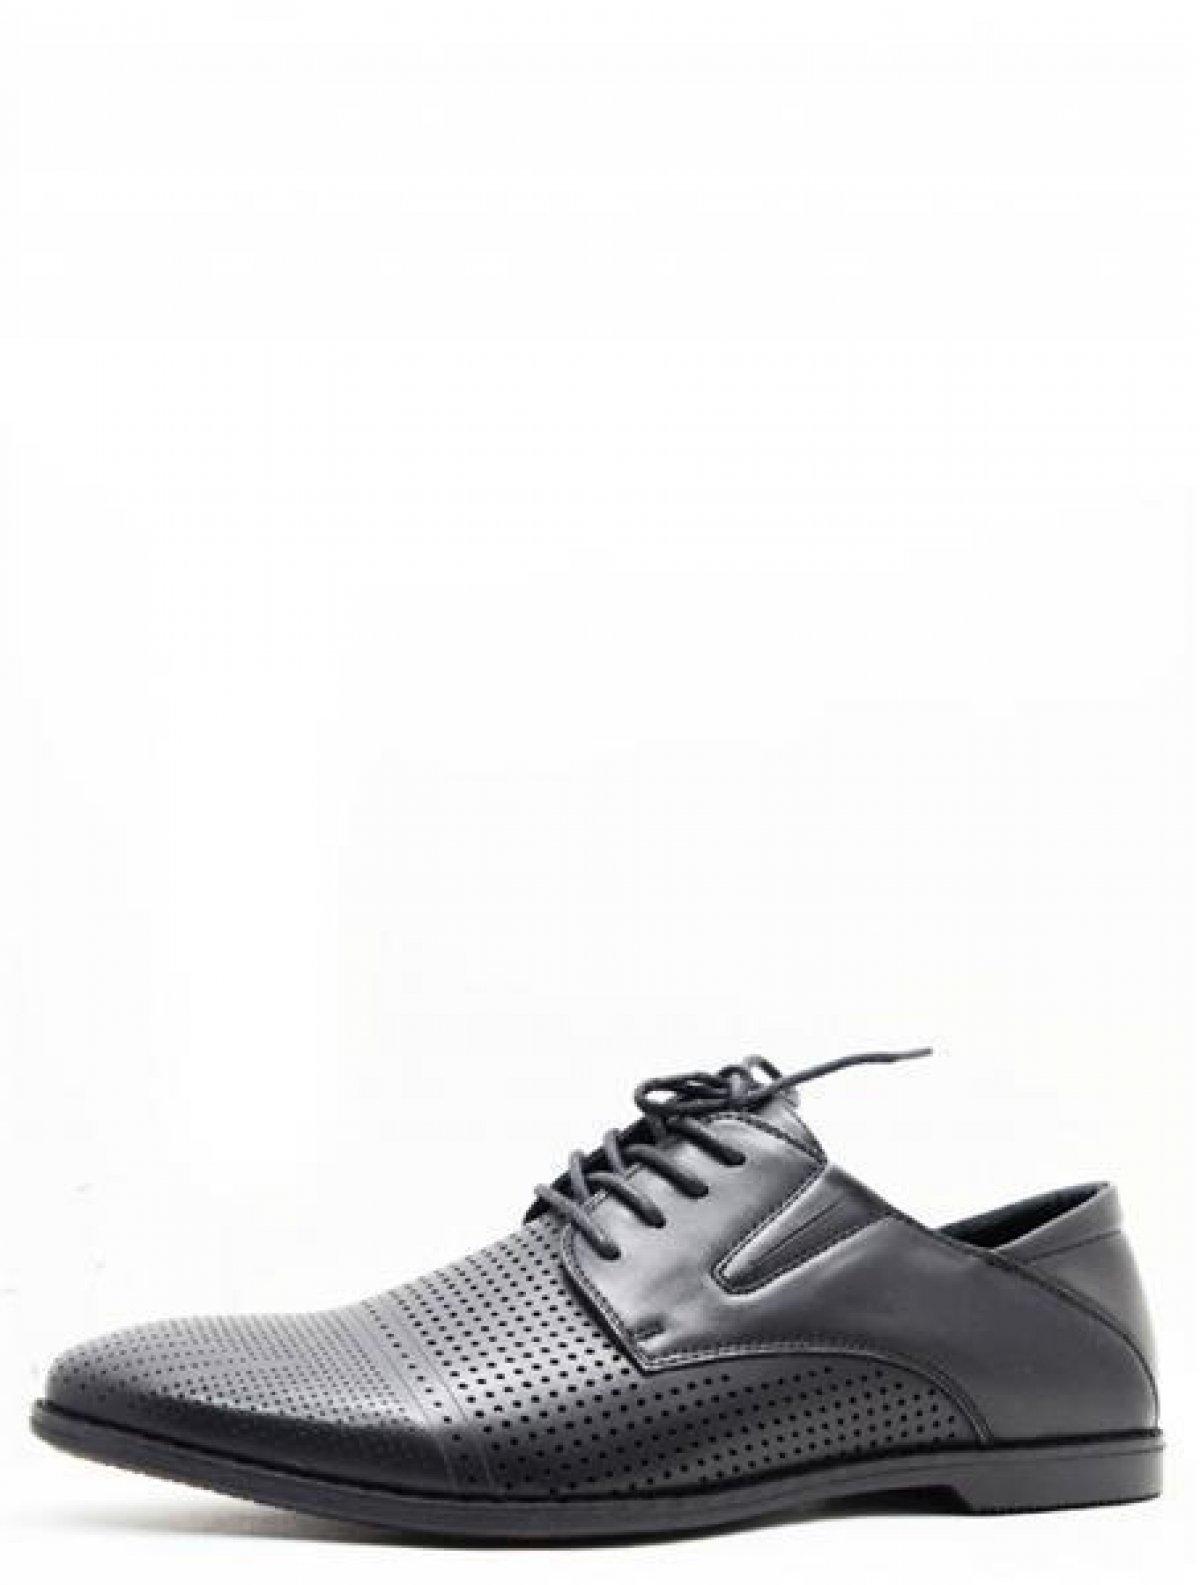 167176/02-01 мужские туфли